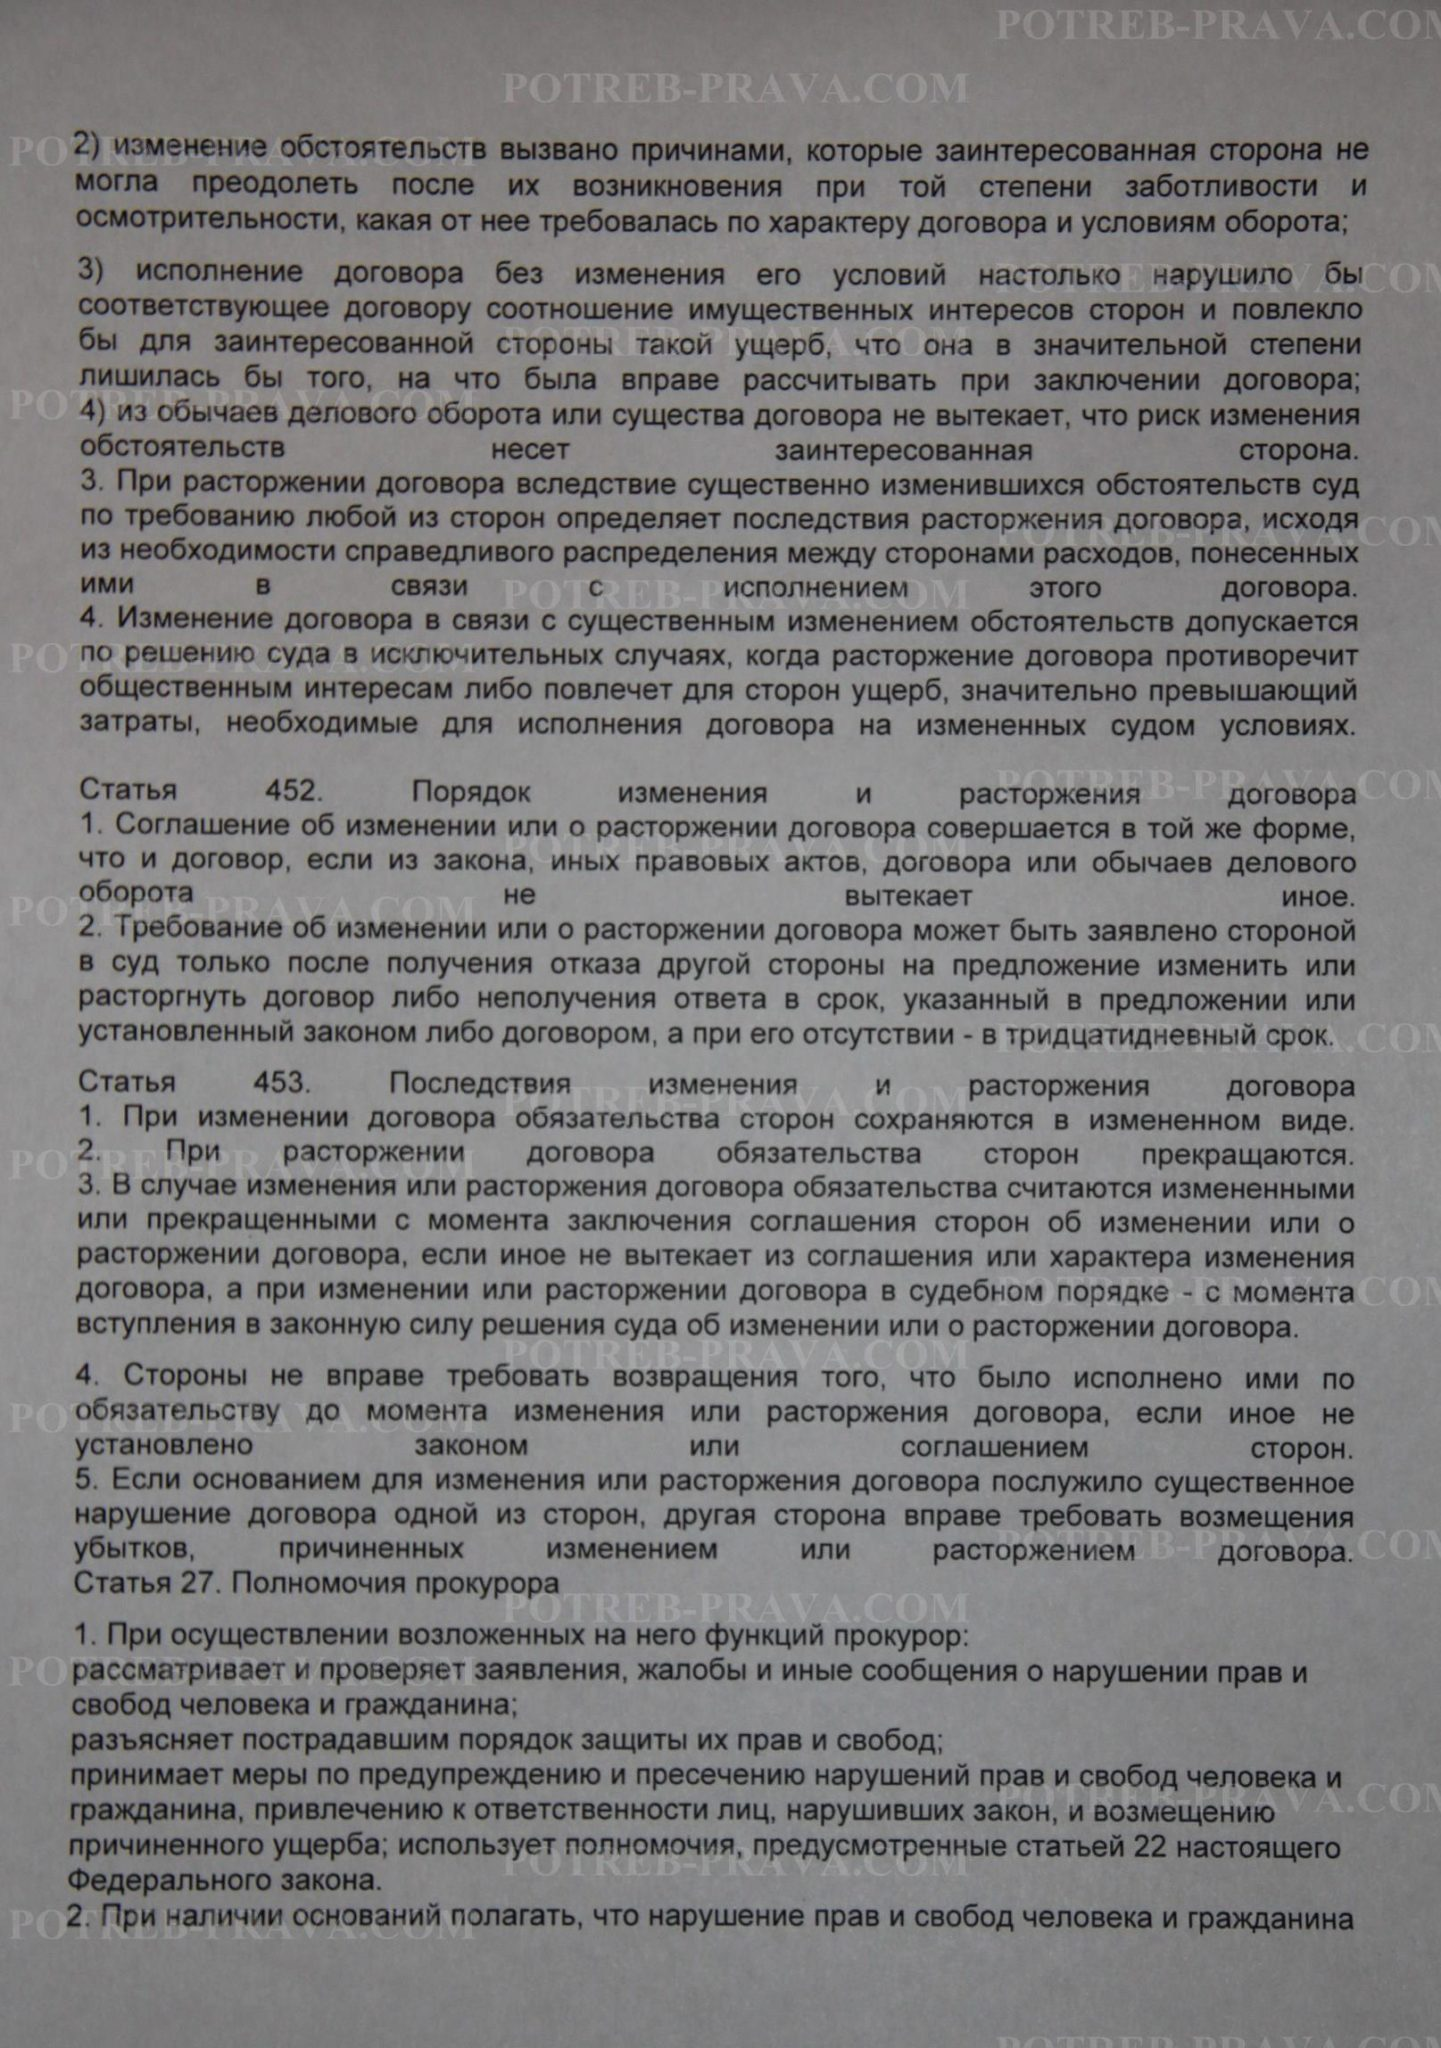 Пример заполнения жалобы на банк в Генеральную Прокуратуру РФ